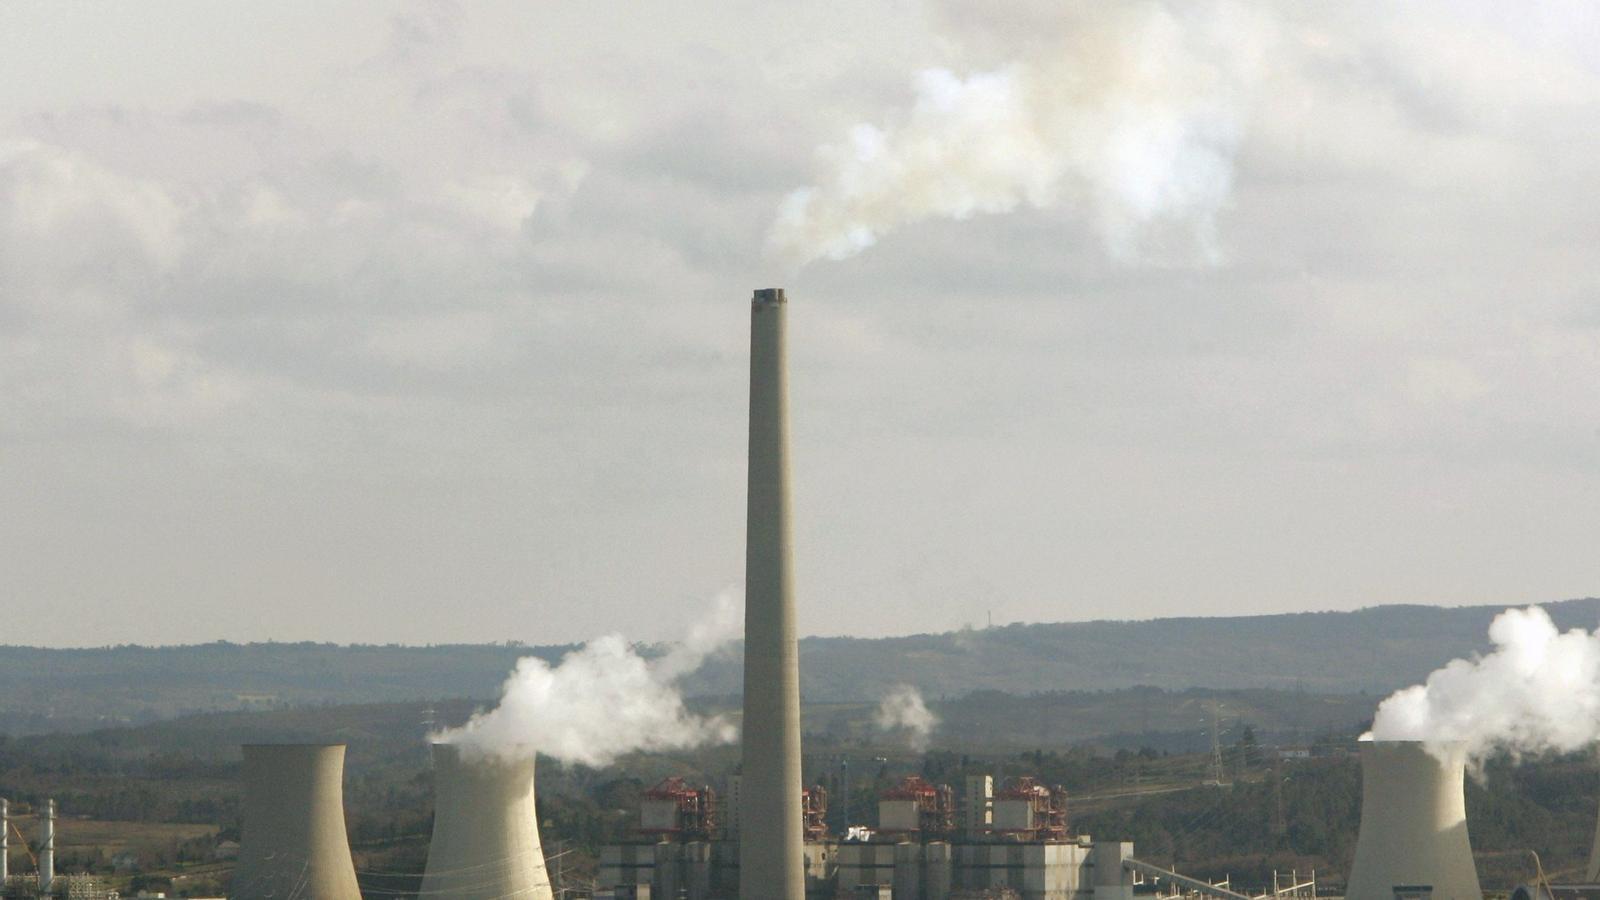 Endesa és l'empresa que més gasos d'efecte hivernacle emet a Espanya